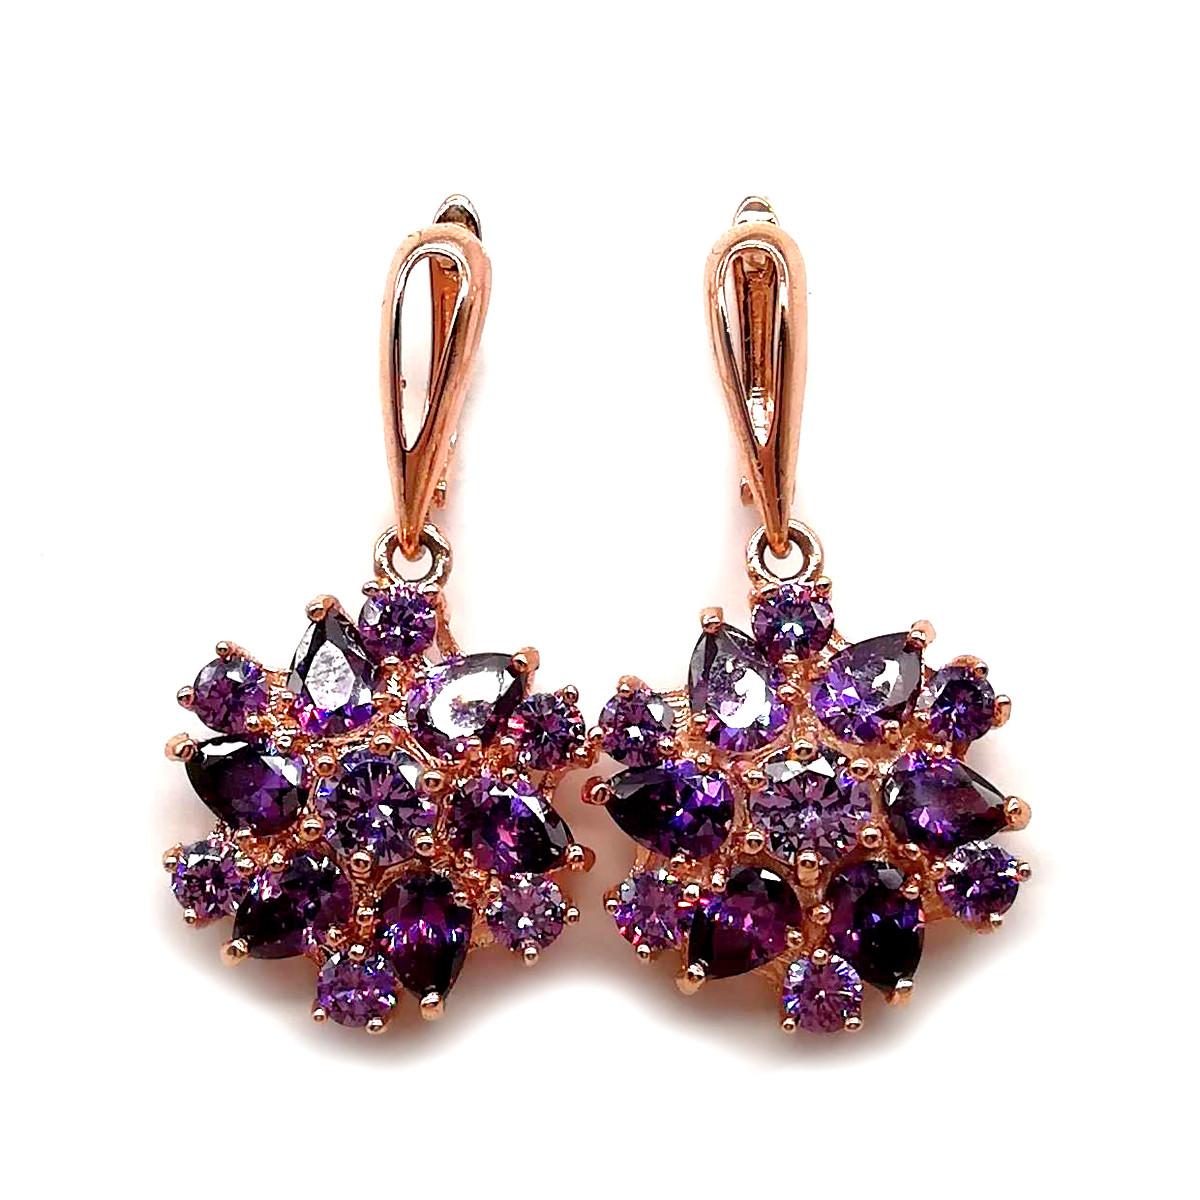 Серьги SONATA из медицинского золота, фиолетовые фианиты, позолота PO, 23337             (1)